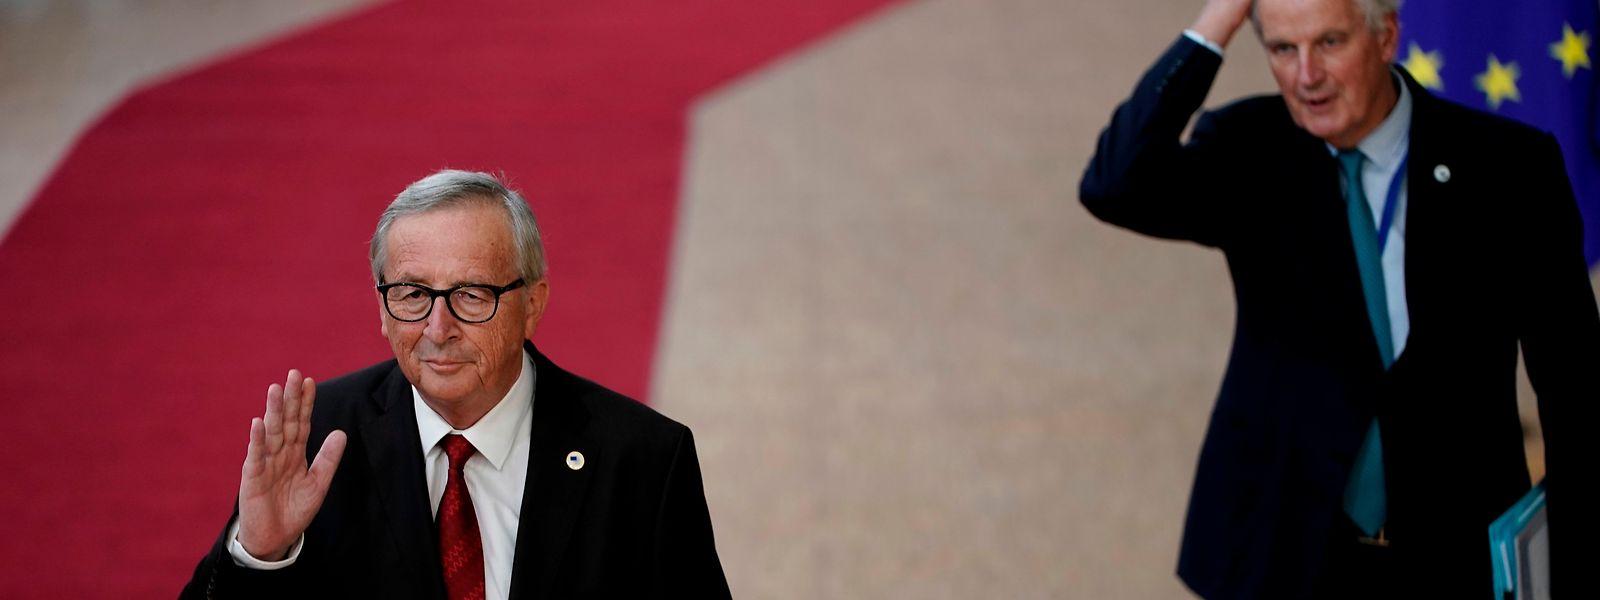 Jean-Claude Juncker a été confronté à divers problèmes de santé ces dernières années.